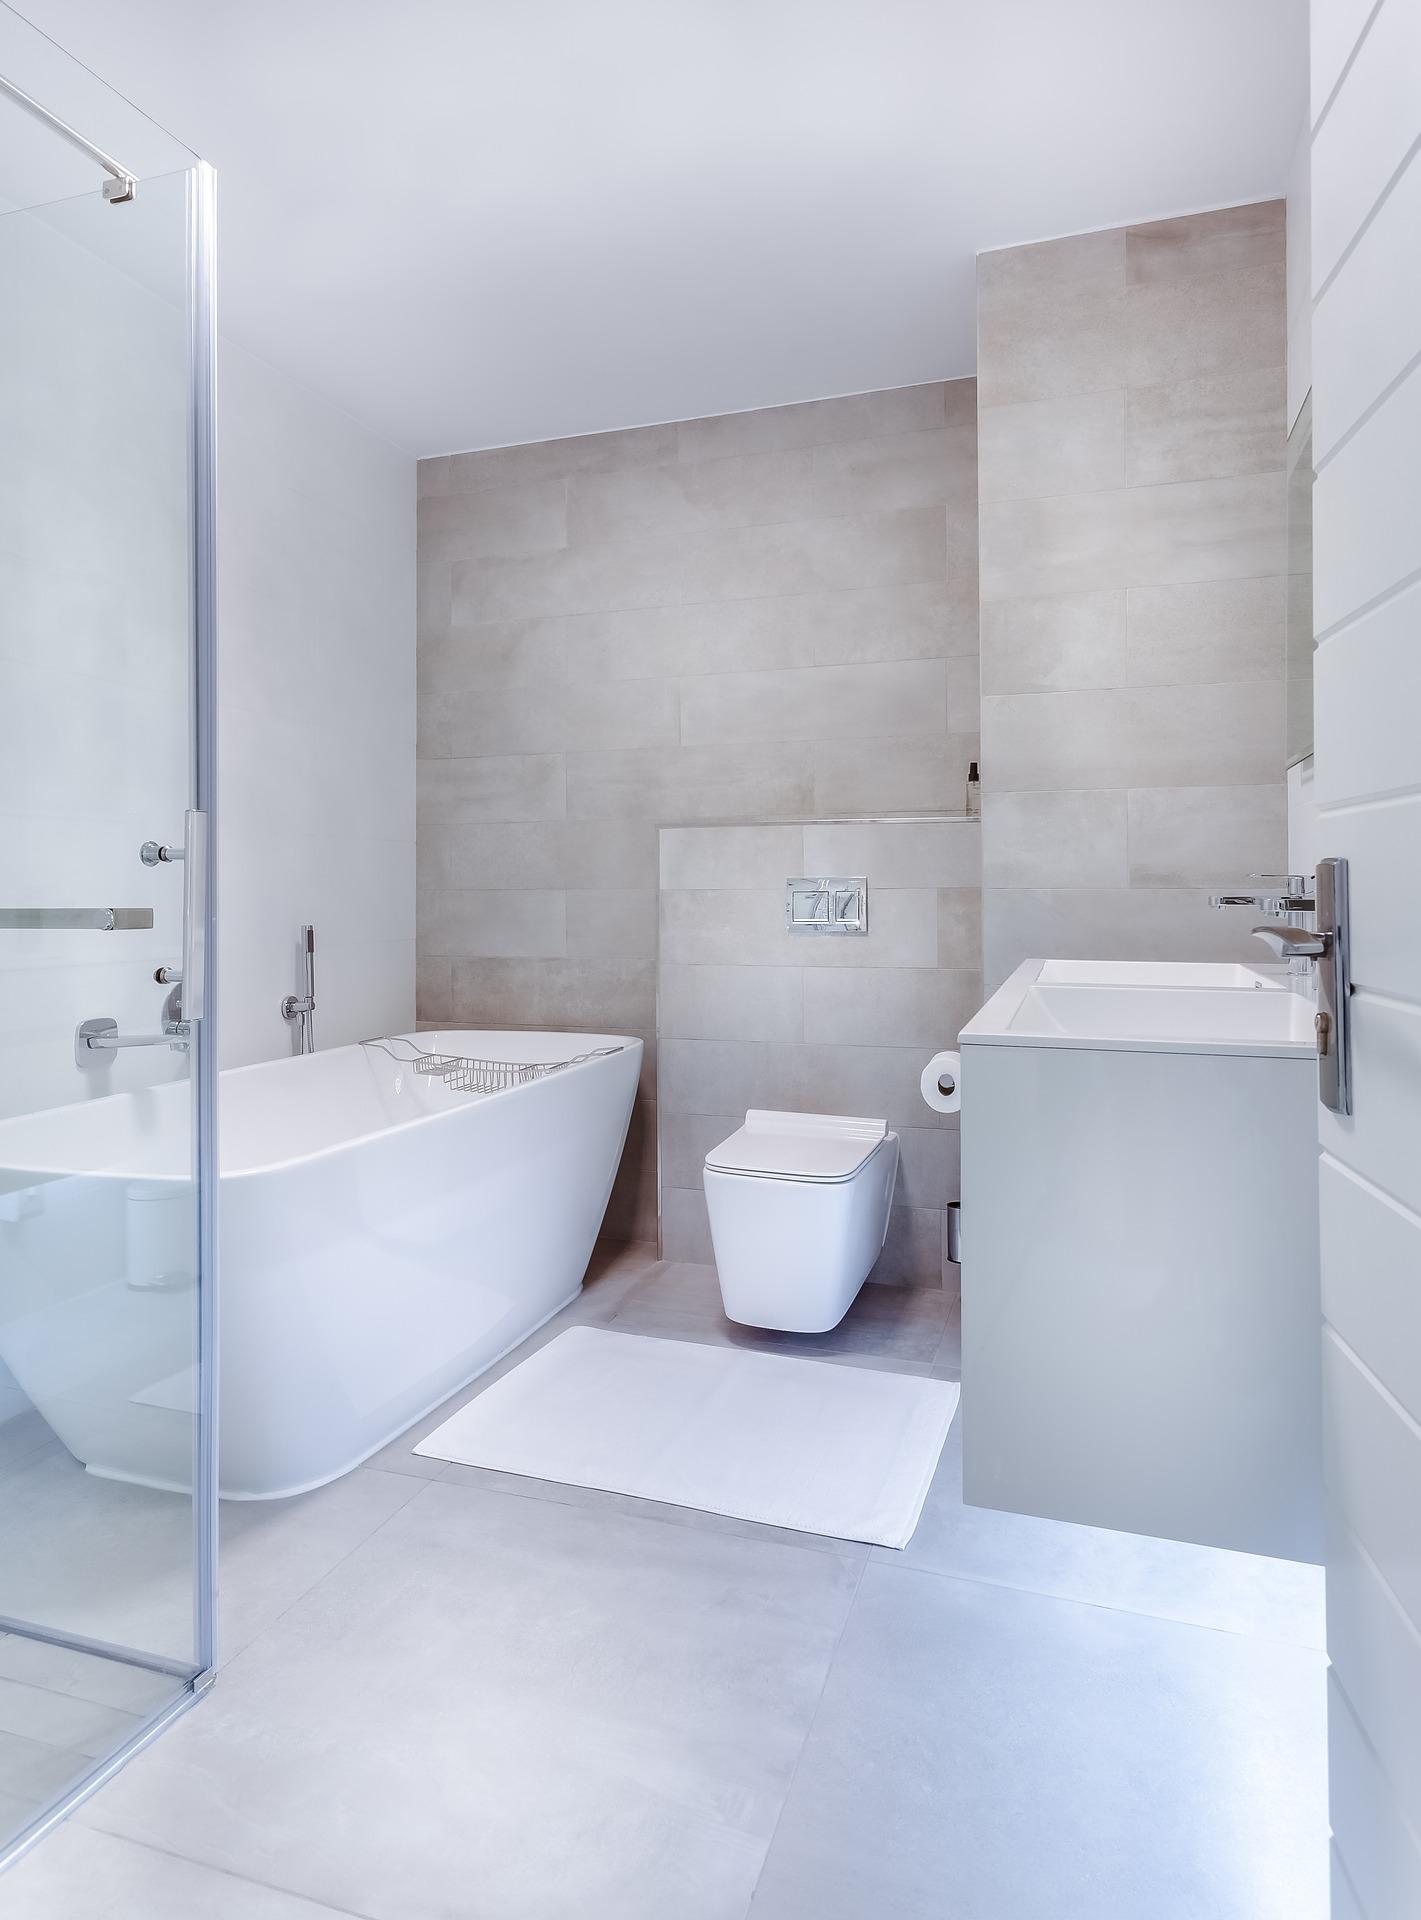 öka värdet bostad renovera badrum